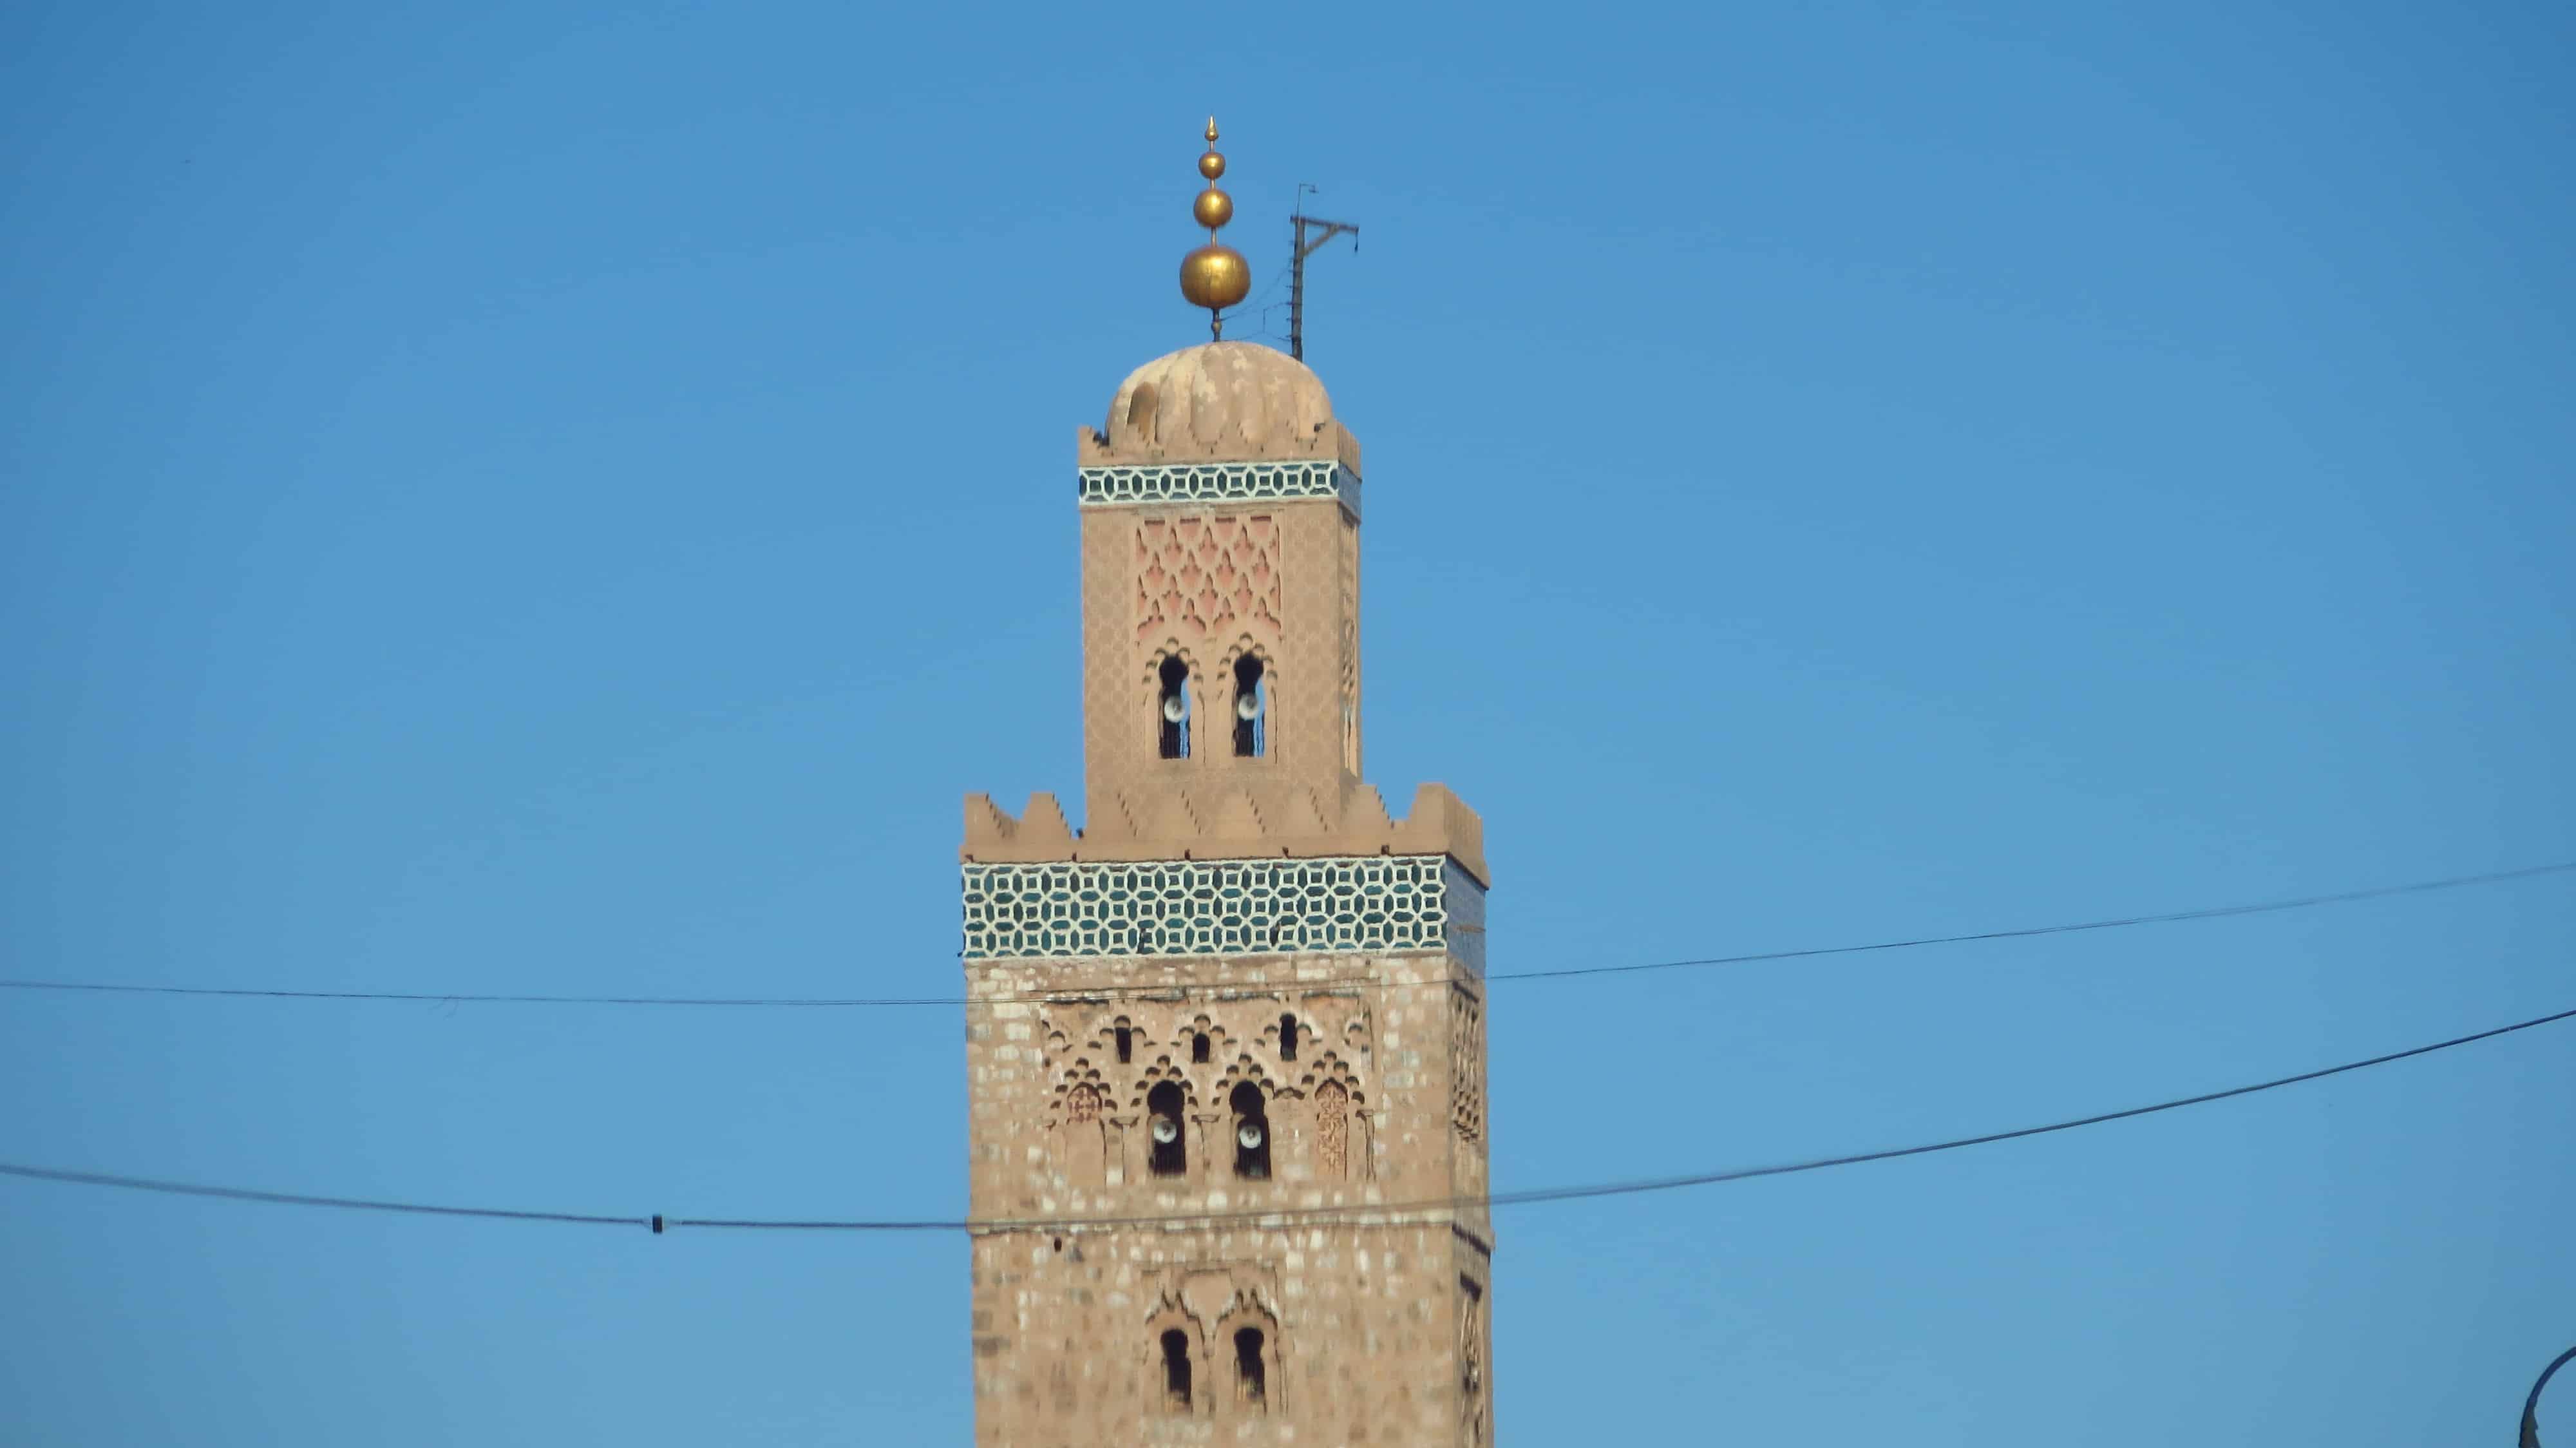 Mesquitas em Marrocos e a direção de Meca